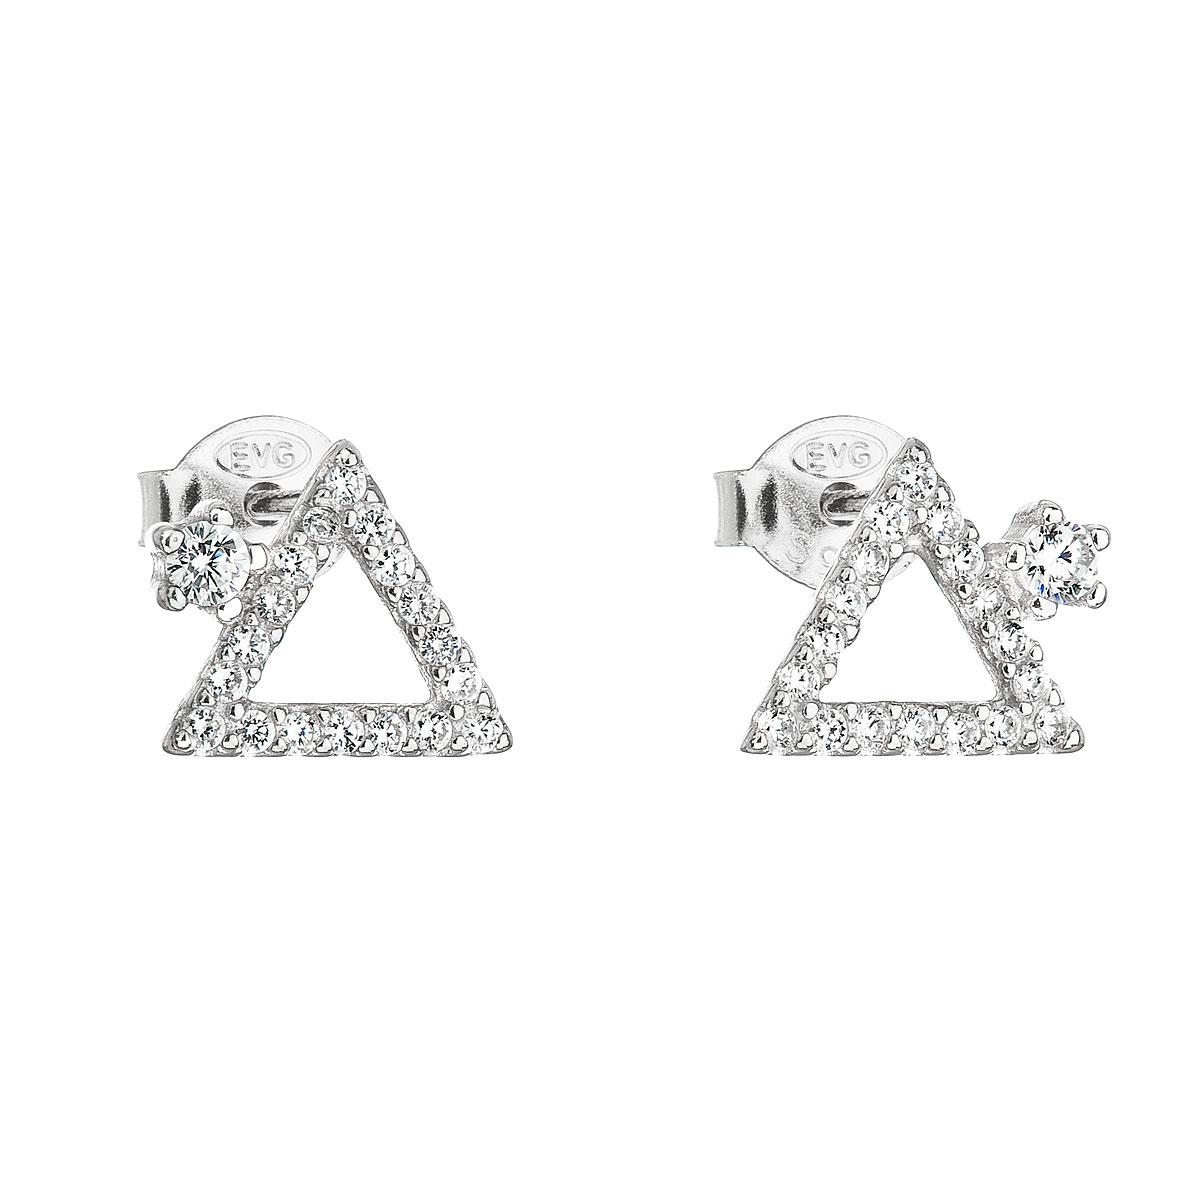 Strieborné náušnice kôstka so zirkónom biely trojuholník 11037.1